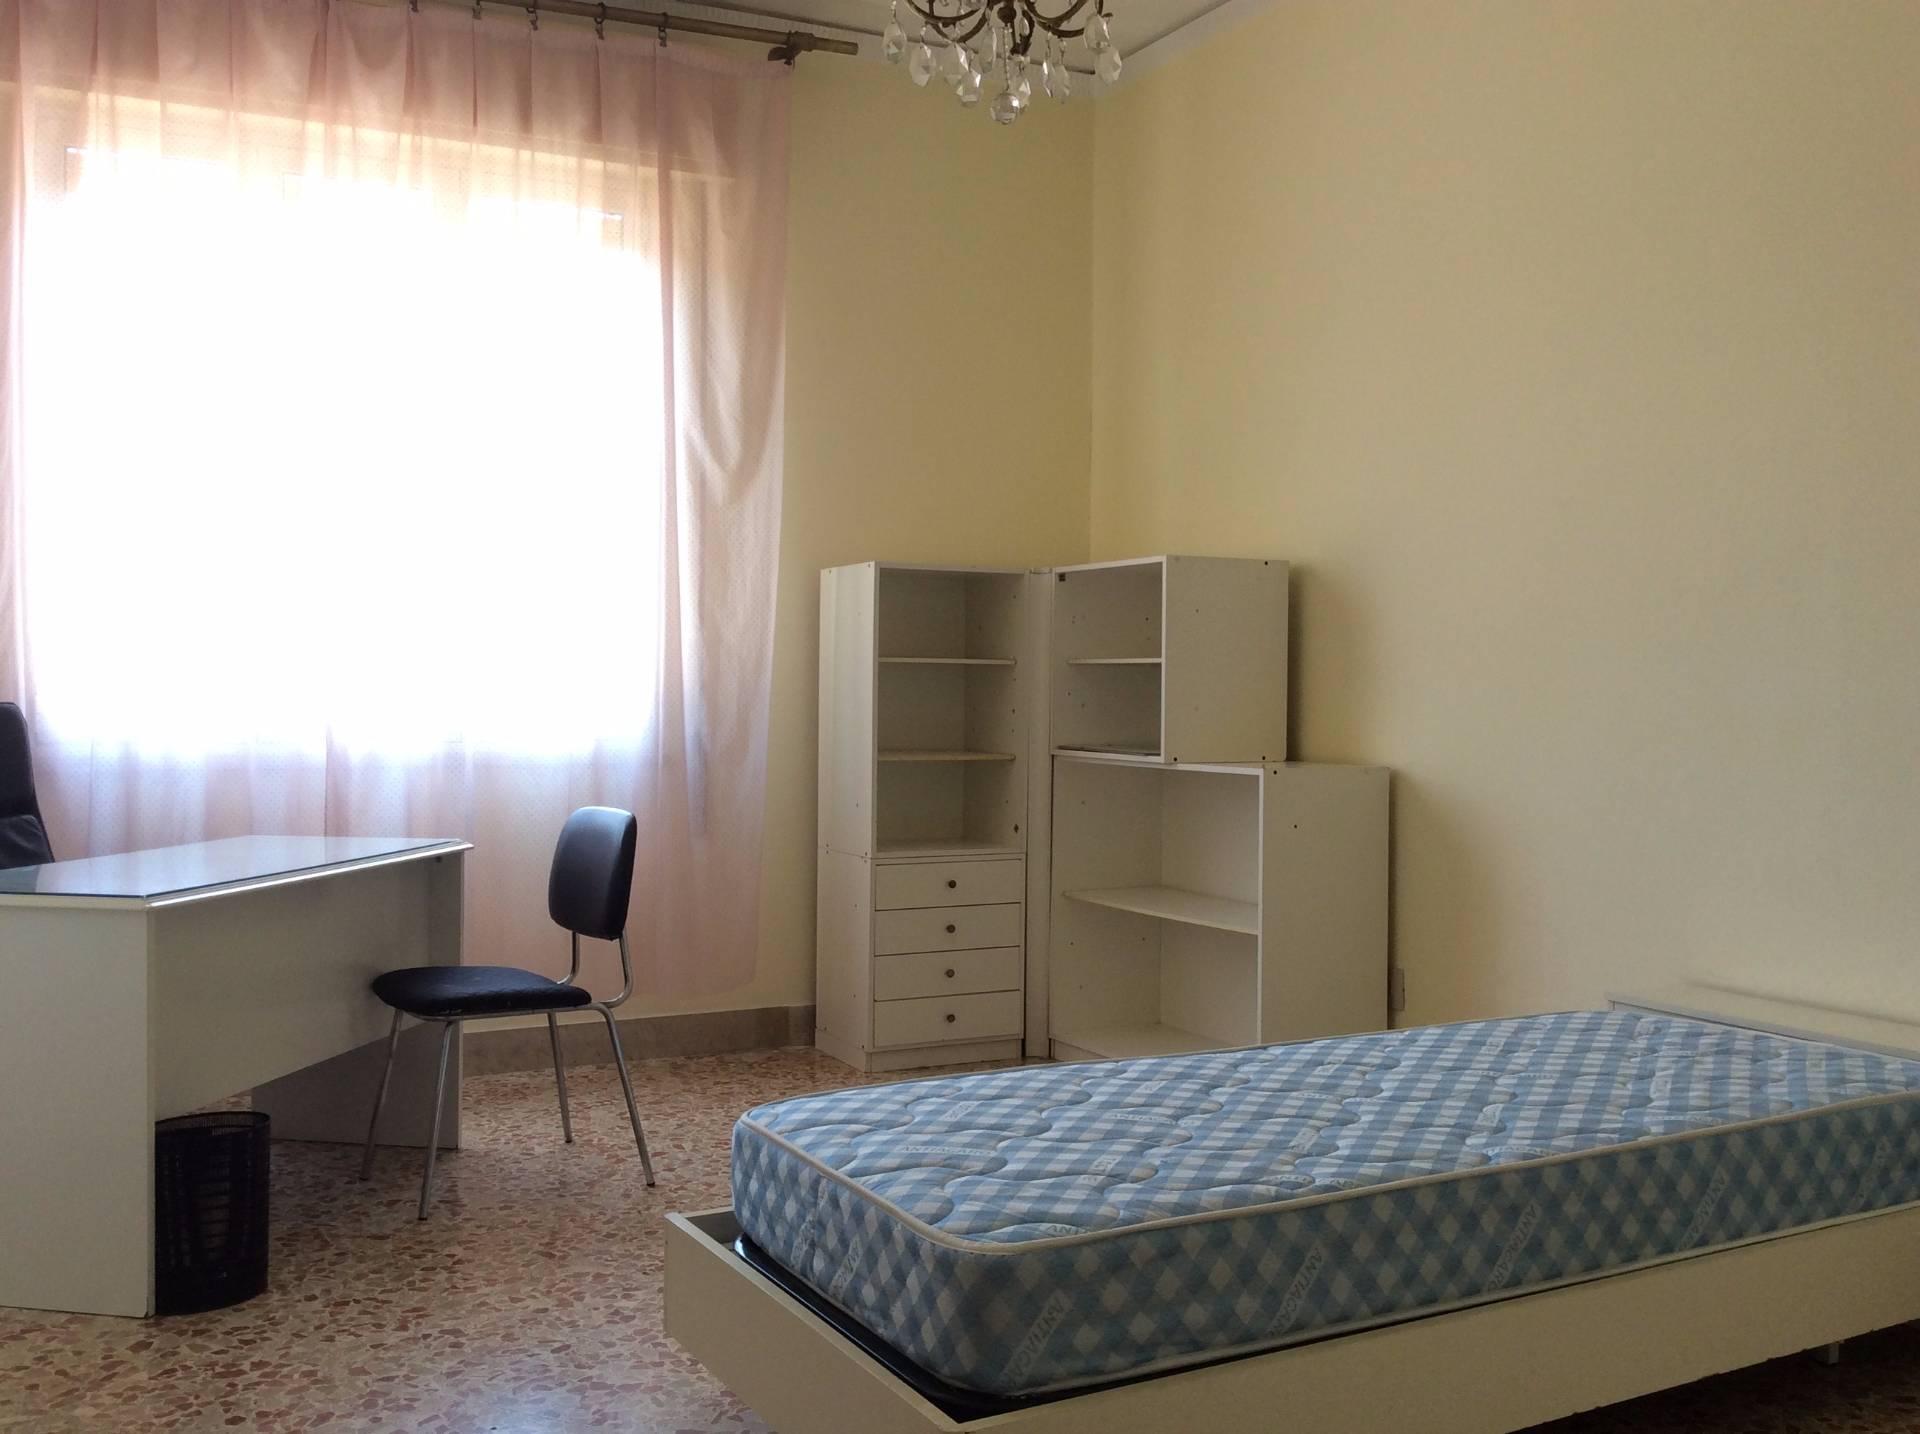 Appartamento in affitto a Palermo, 3 locali, zona Località: Centrostorico, prezzo € 570 | CambioCasa.it